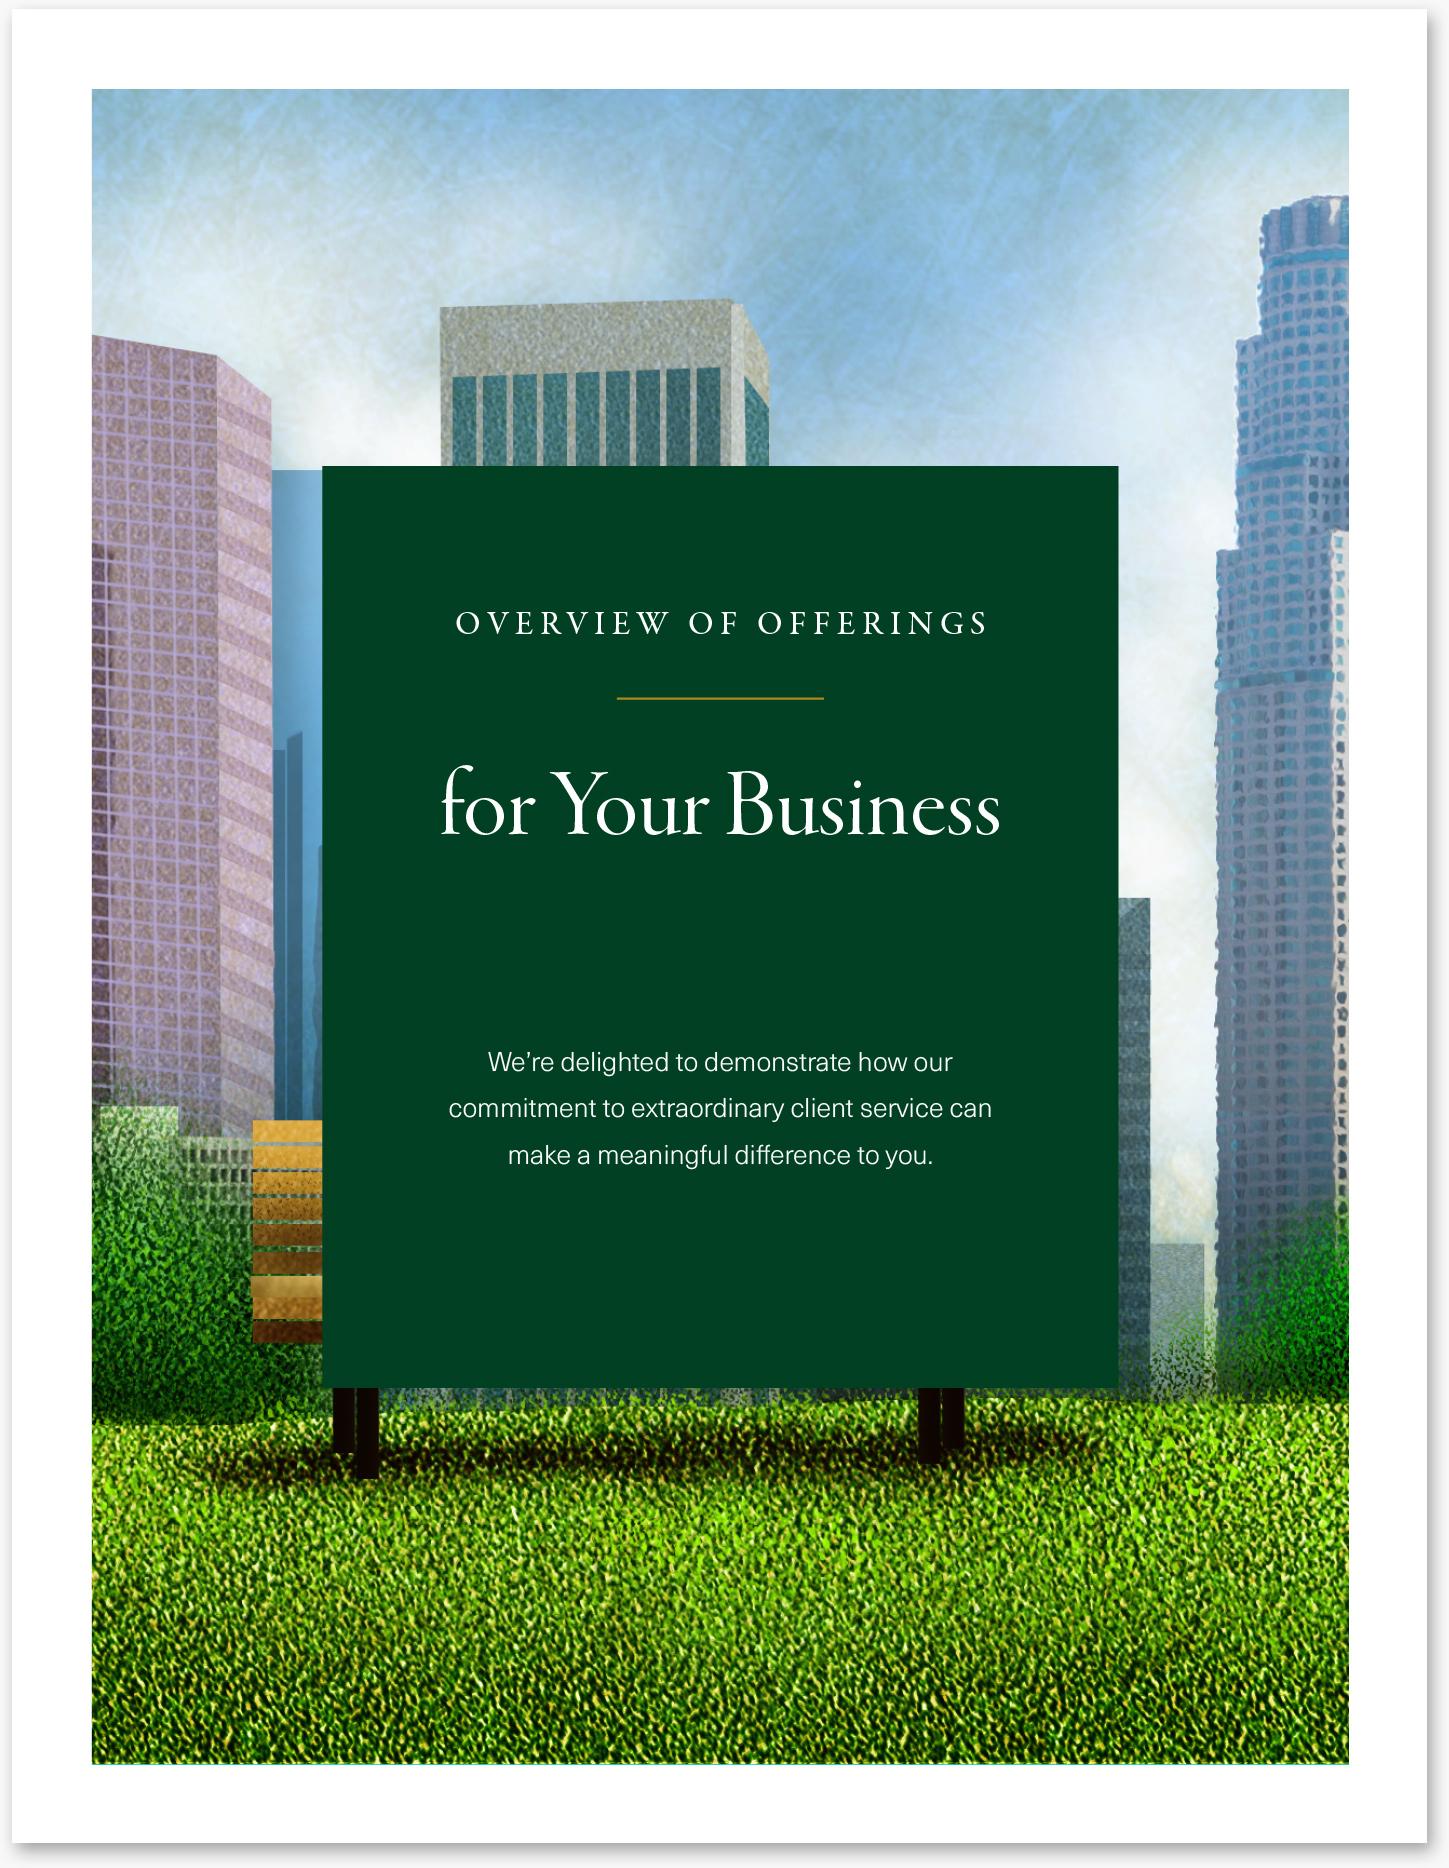 b2b_brochure_4business.jpg